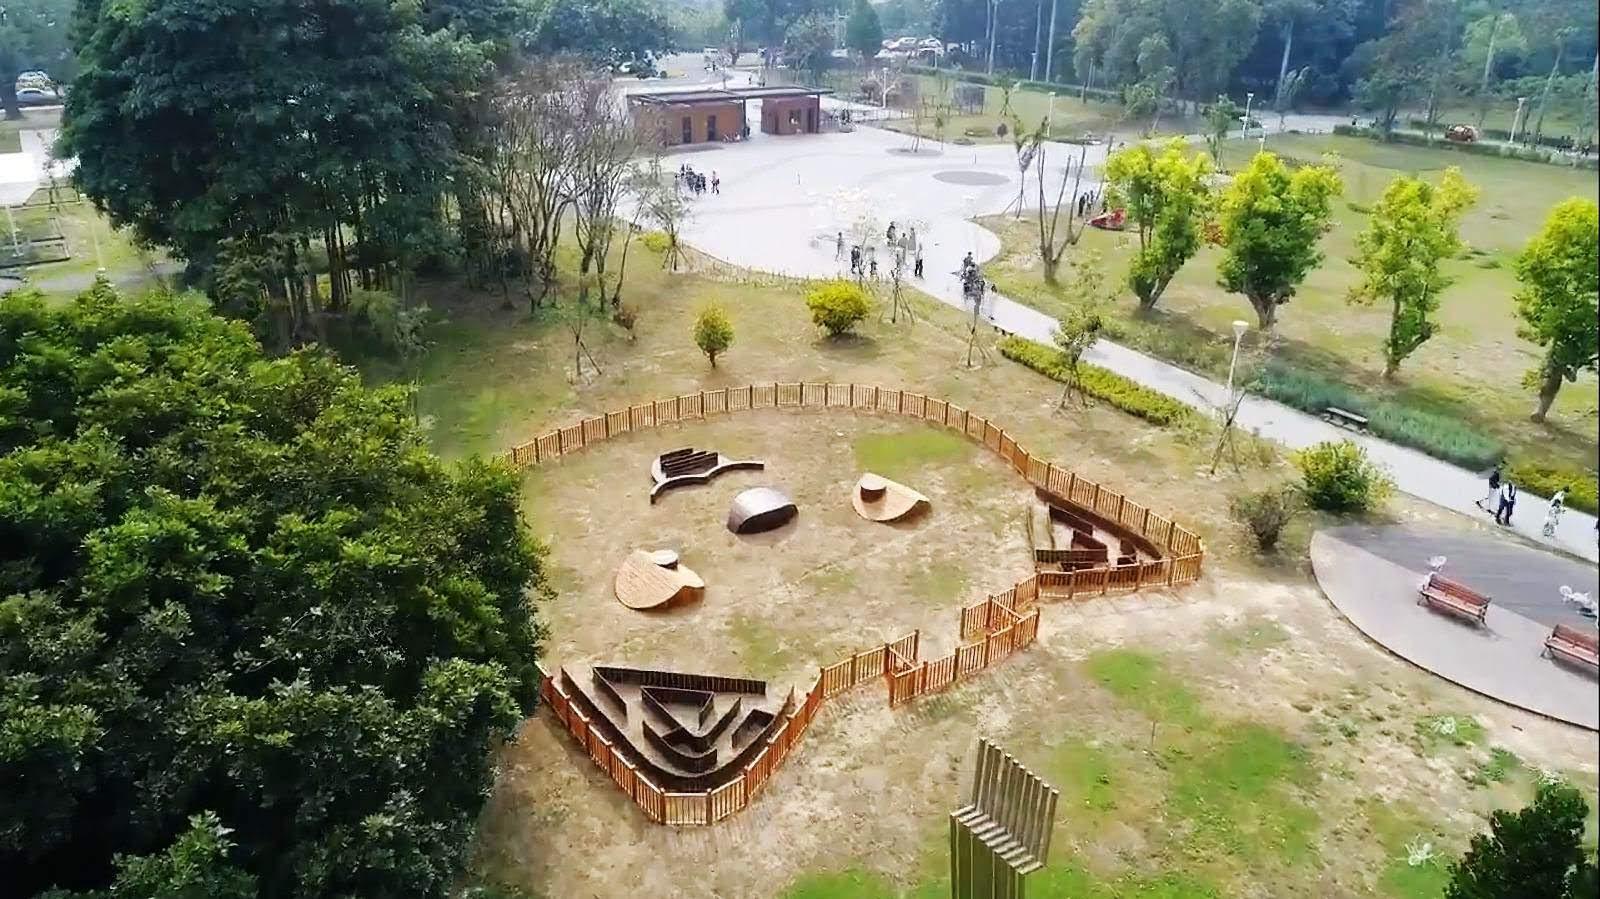 🐶隱藏版上帝視角超卡哇伊!台南山上水道博物館寵物遊憩專區登場